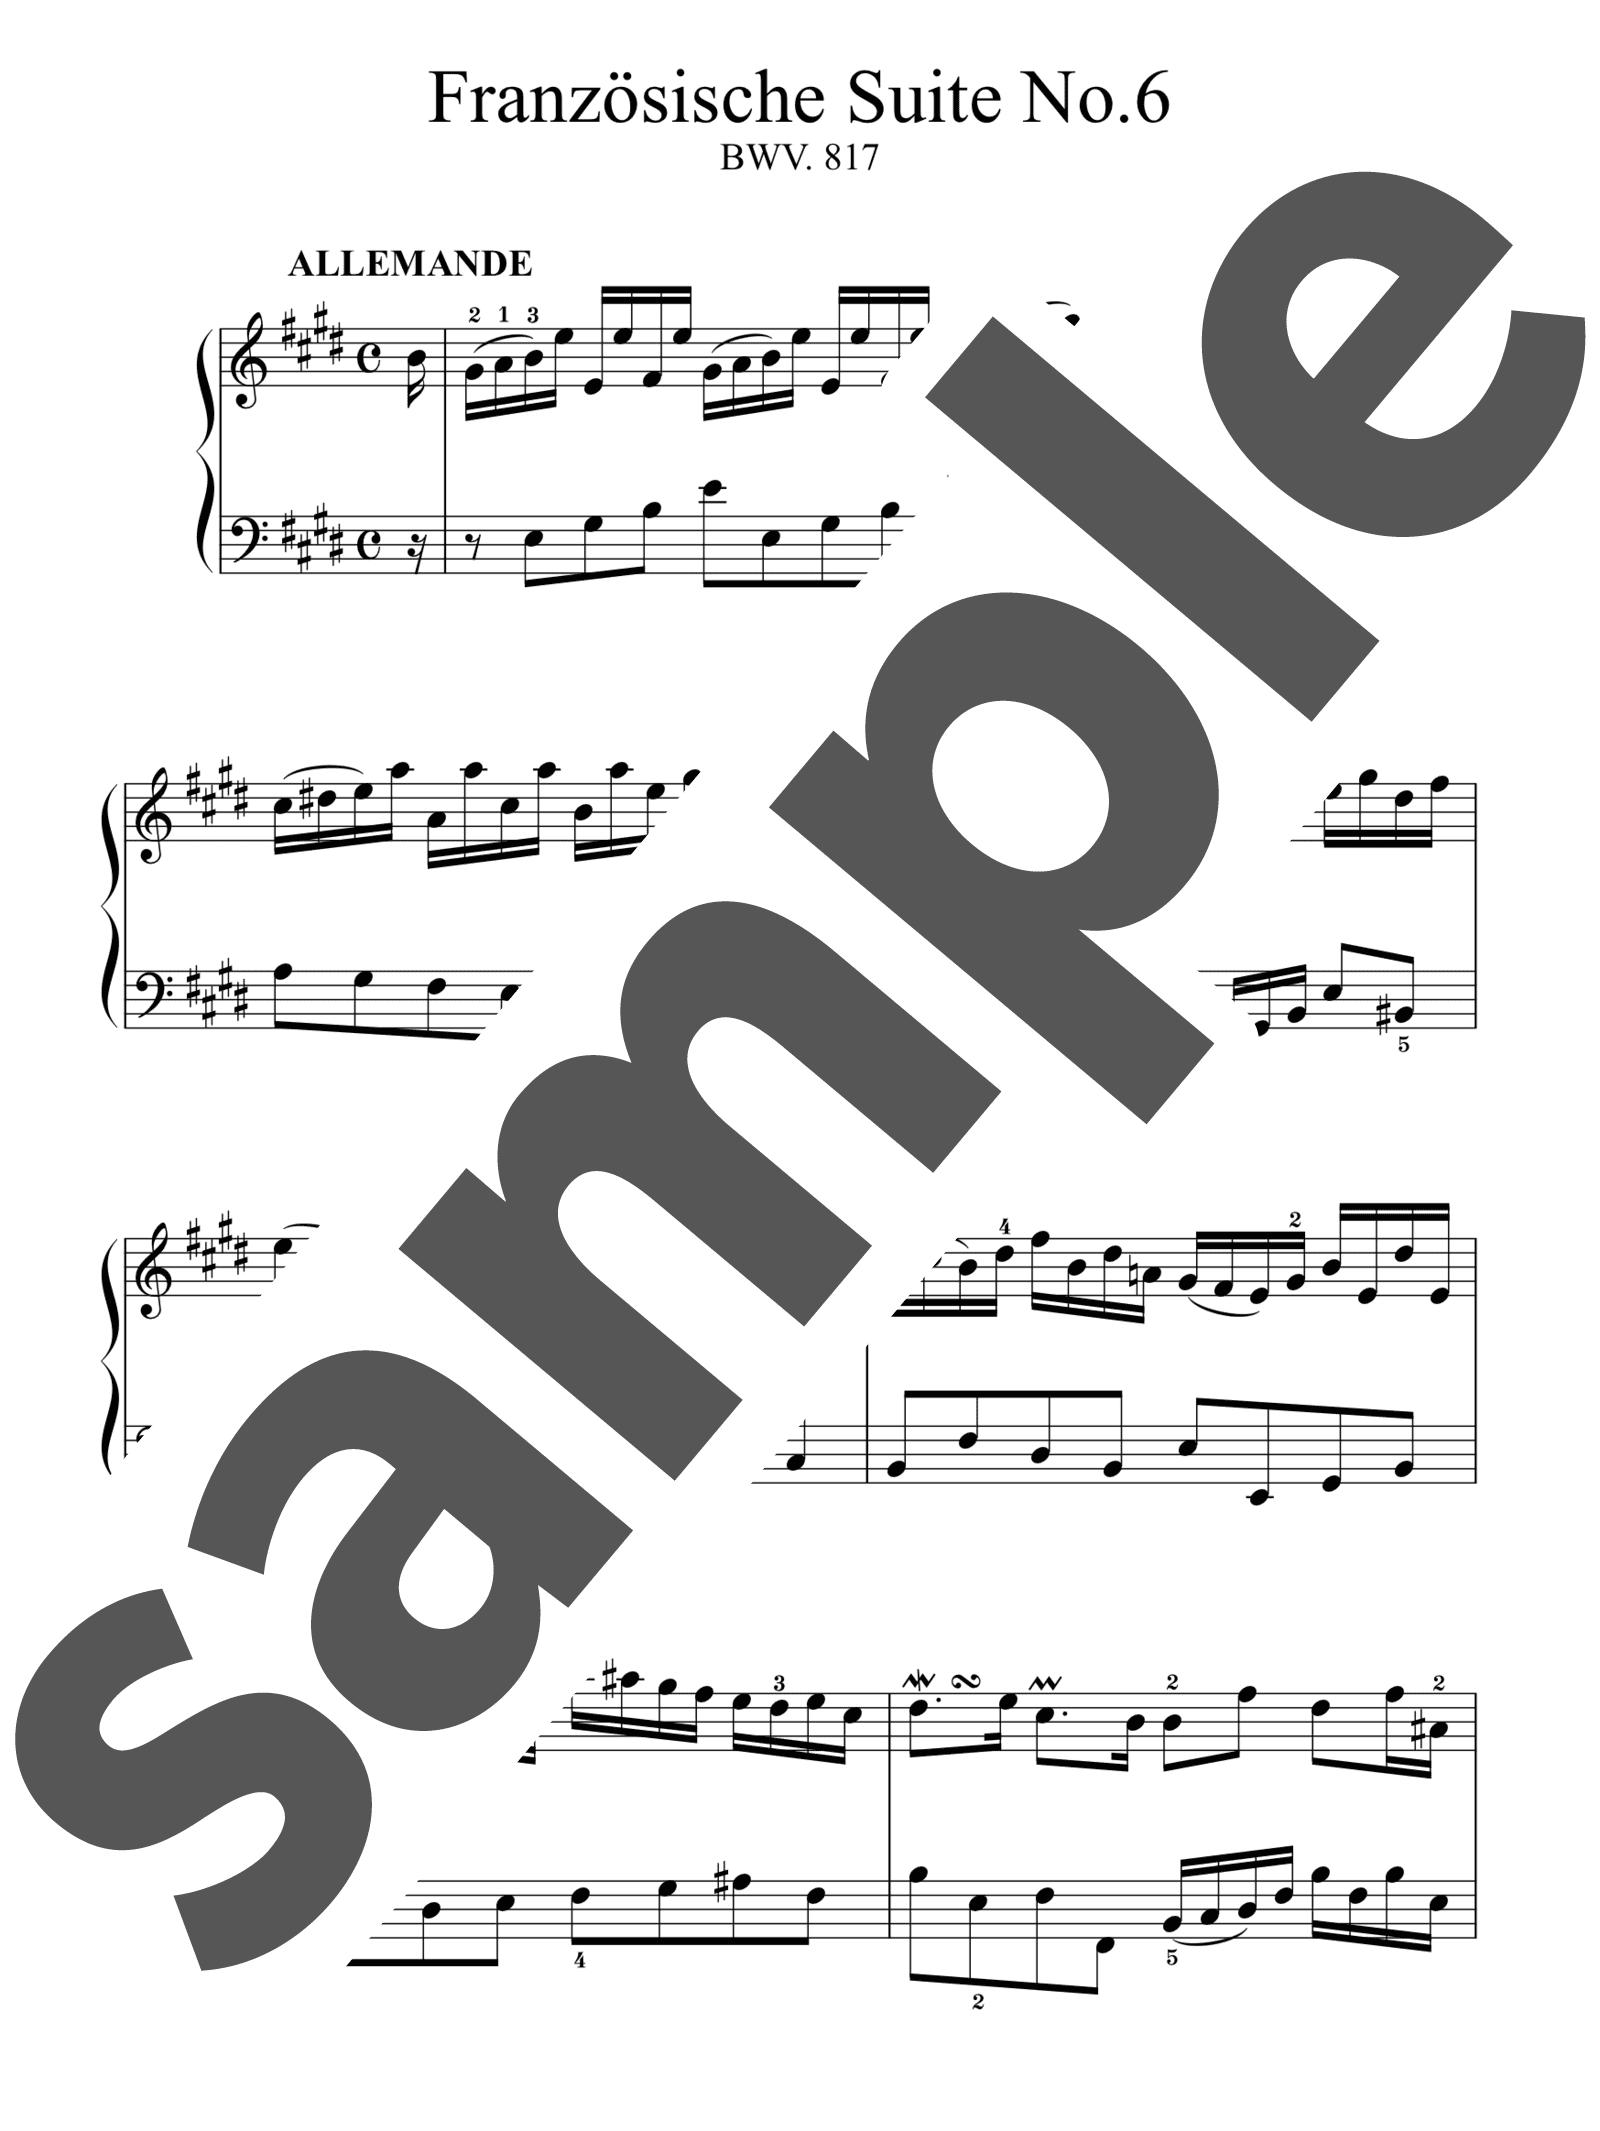 「フランス組曲 第6番 ホ長調 BWV.817」のサンプル楽譜